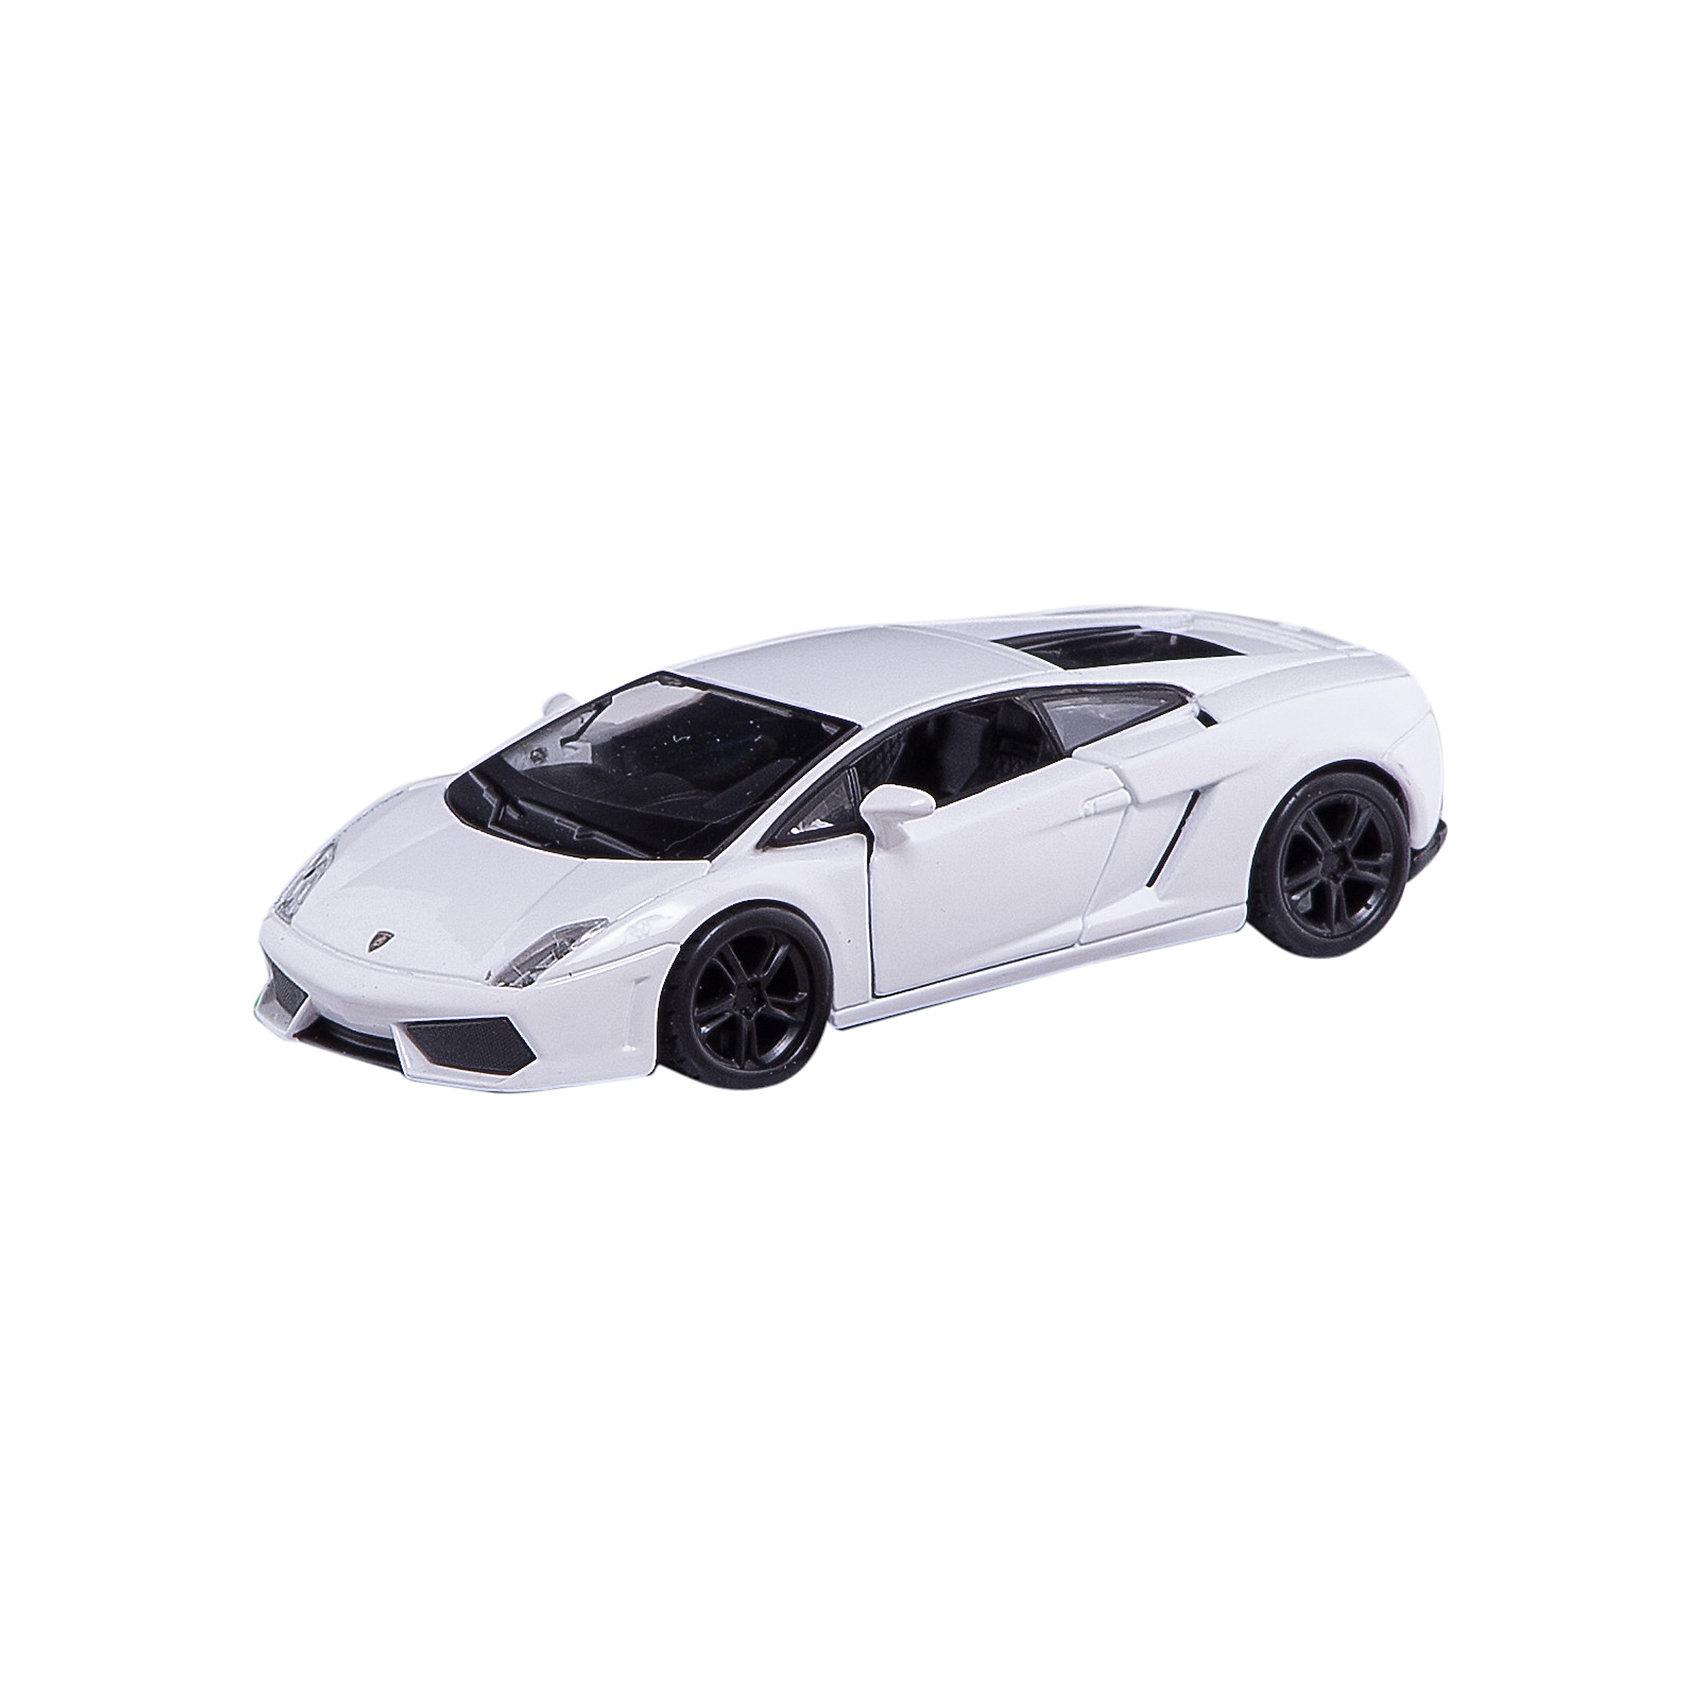 Машина Lamborghini Gallardo, 1:32, белая, BburagoМашинки<br>Характеристики товара:<br><br>- цвет: белый;<br>- материал: пластик, металл;<br>- габариты упаковки: 27х23х9 см;<br>- масштаб: 1:32;<br>- открывается багажник и двери, вперед и вверх.<br><br>Спортивные машинки – безусловные фавориты среди детских игрушек для мальчиков.Такая машинка марки Lamborghini Gallardo – желанный подарок для всех ребят. Она очень похожа на настоящую машину и прекрасно детализирована! Материалы, использованные при создании изготовлении изделия, полностью безопасны и отвечают всем международным требованиям по качеству детских товаров.<br><br>Игрушку Машина Lamborghini Gallardo, 1:32, белая от бренда Bburago можно купить в нашем интернет-магазине.<br><br>Ширина мм: 270<br>Глубина мм: 230<br>Высота мм: 90<br>Вес г: 245<br>Возраст от месяцев: 36<br>Возраст до месяцев: 2147483647<br>Пол: Мужской<br>Возраст: Детский<br>SKU: 5156835